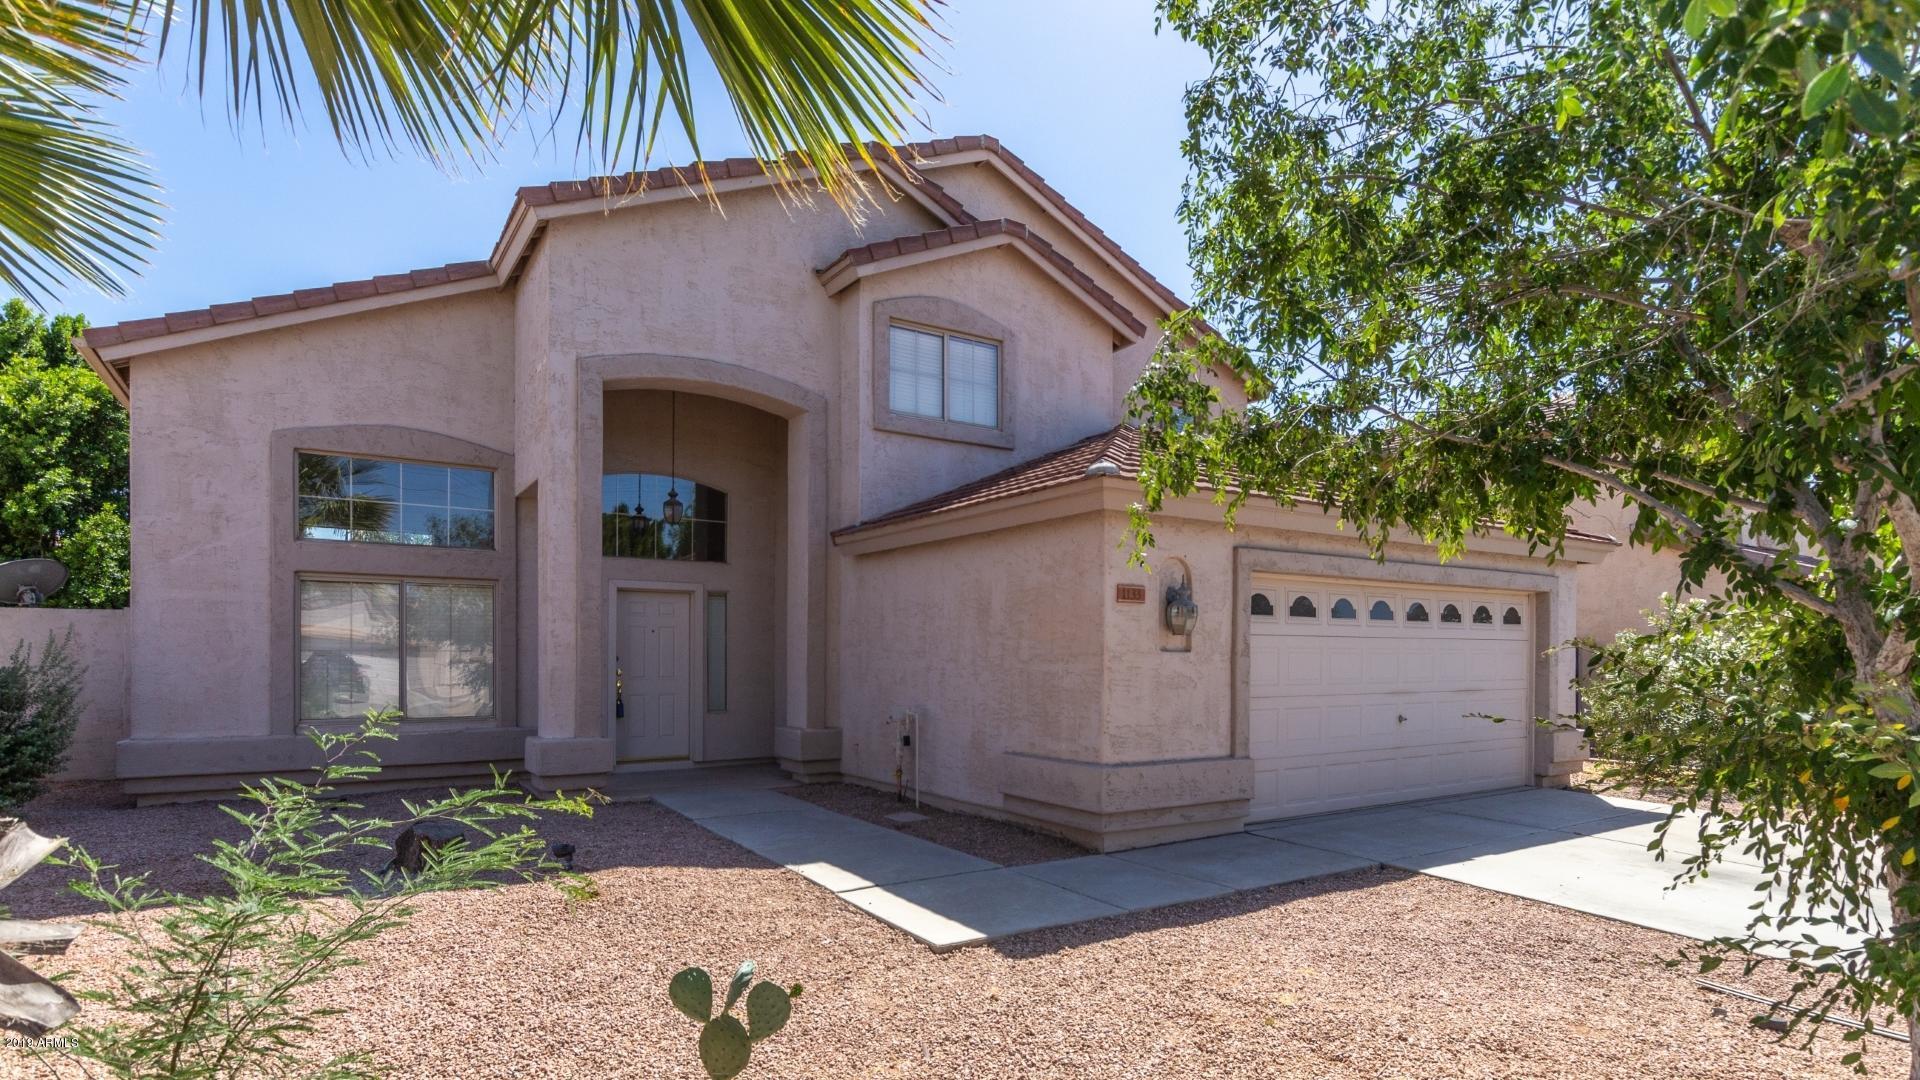 Photo of 1133 W VAUGHN Avenue, Gilbert, AZ 85233